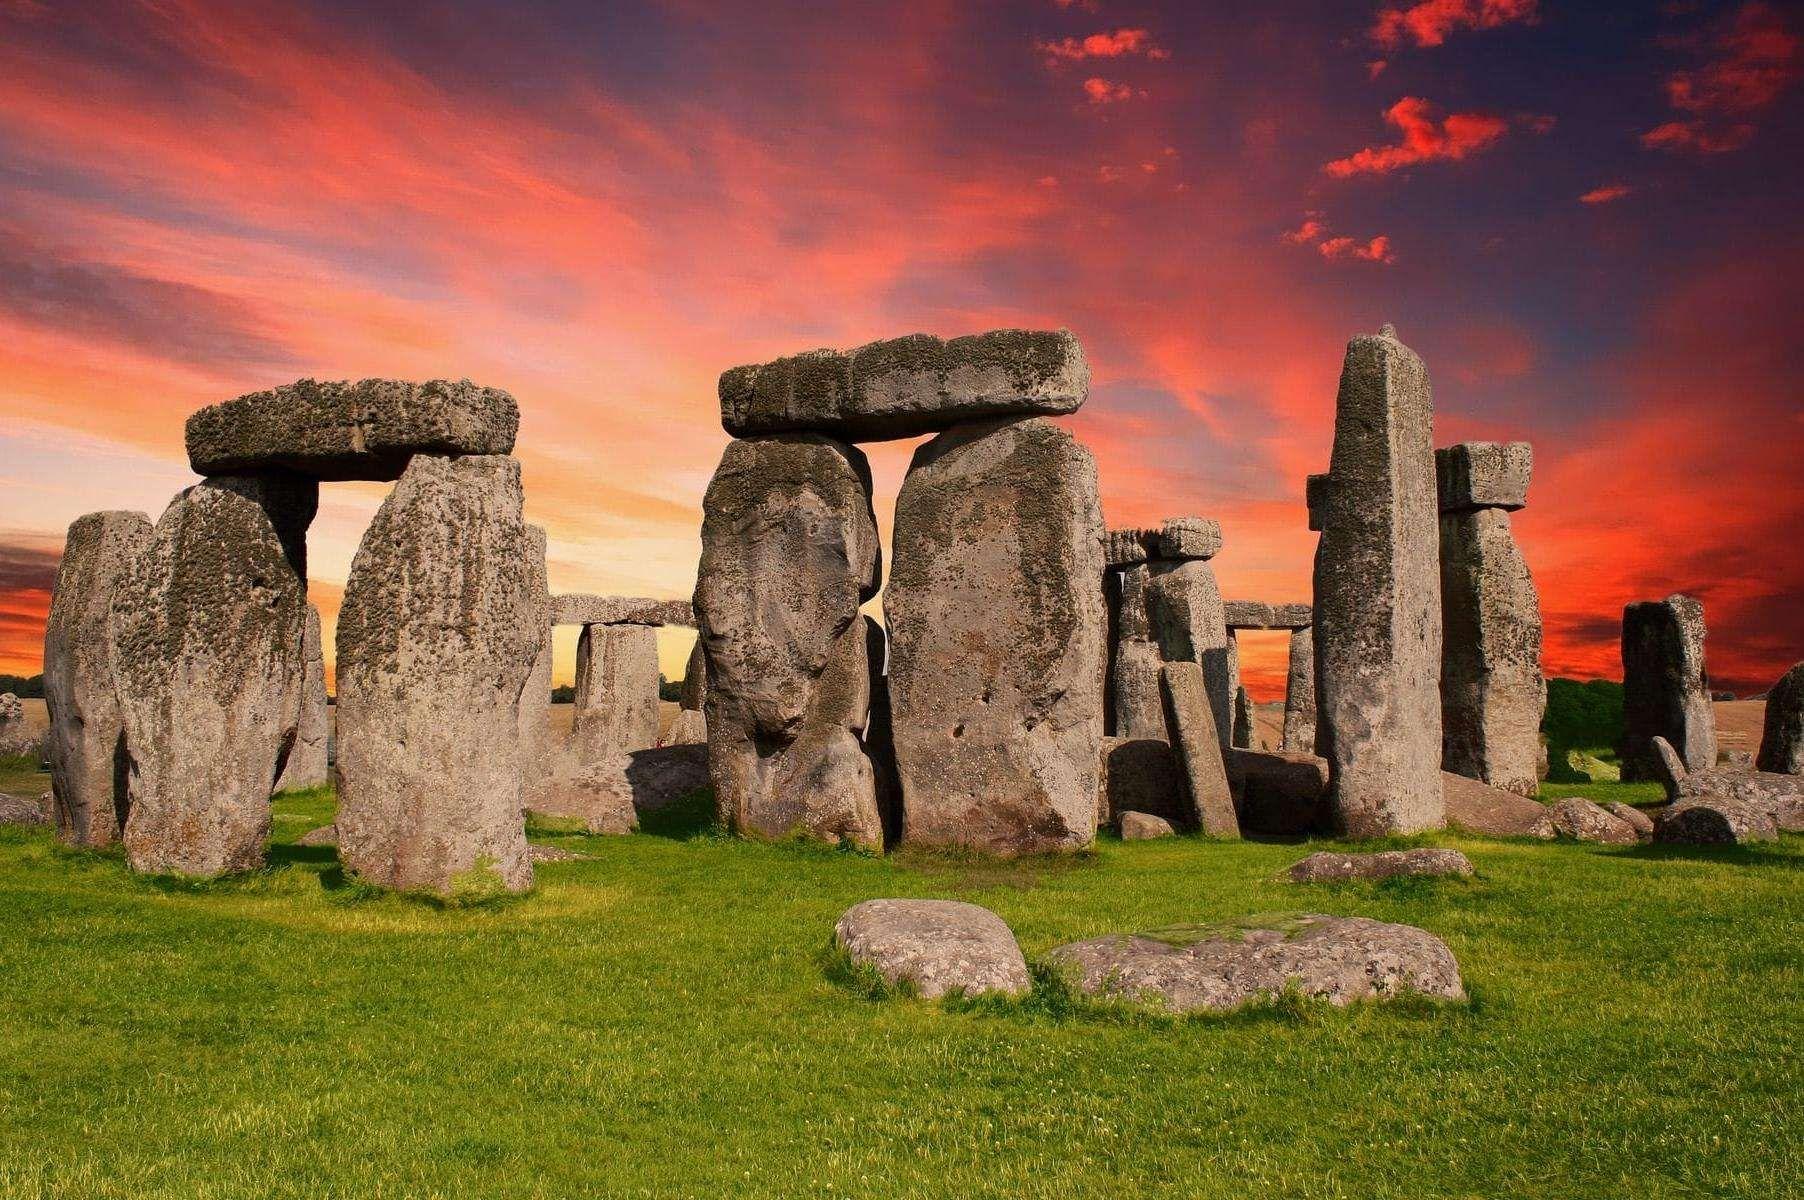 巨石阵是如何建造的三种可能;建造